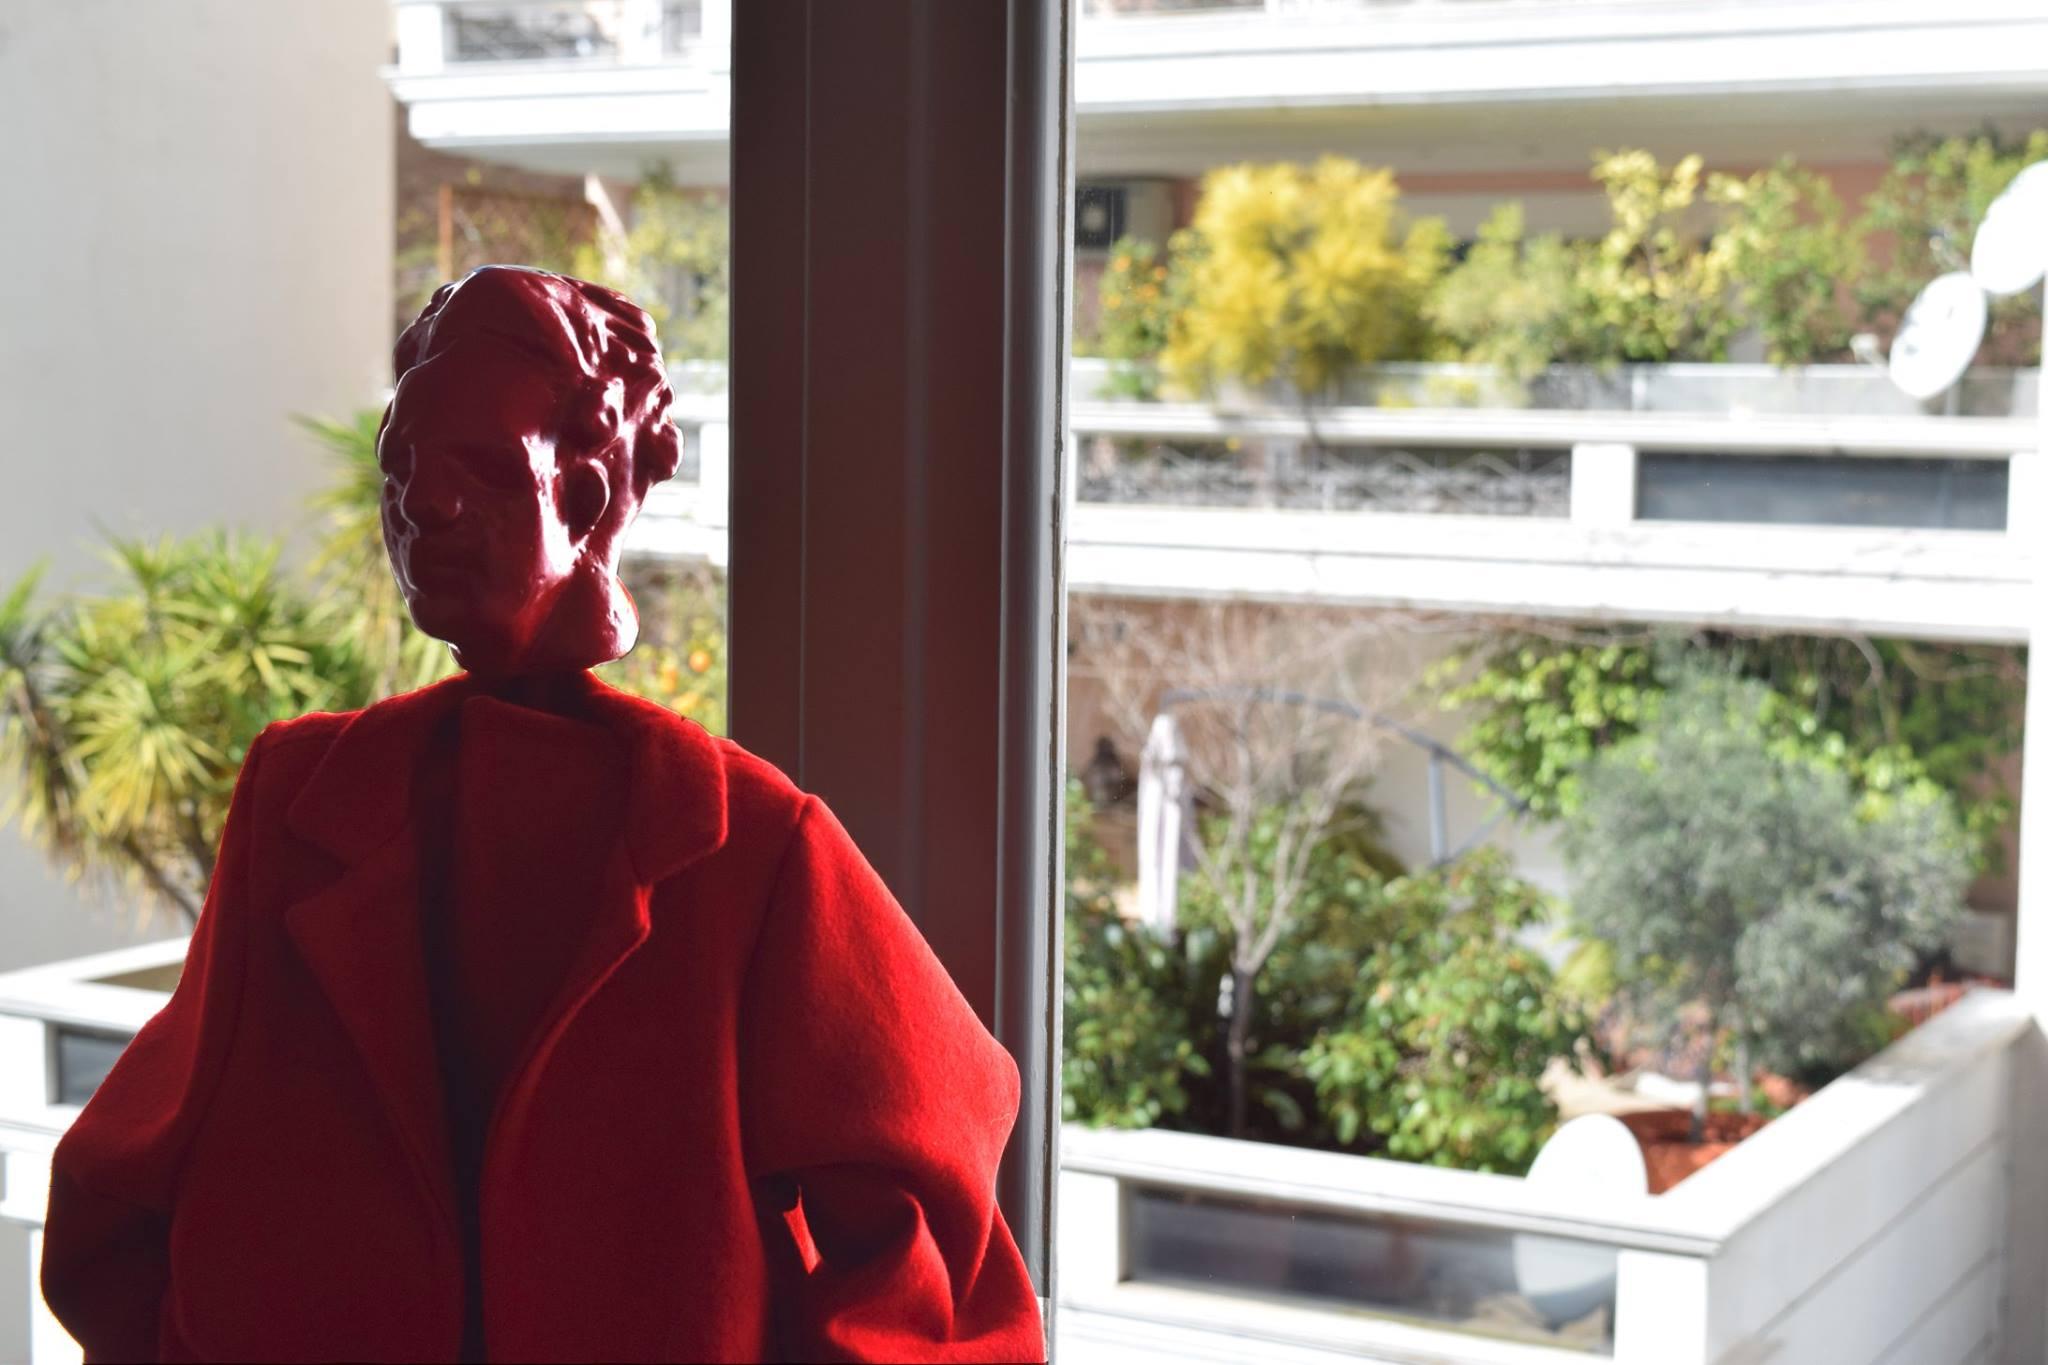 Κόκκινο γλυπτό στο παράθυρο